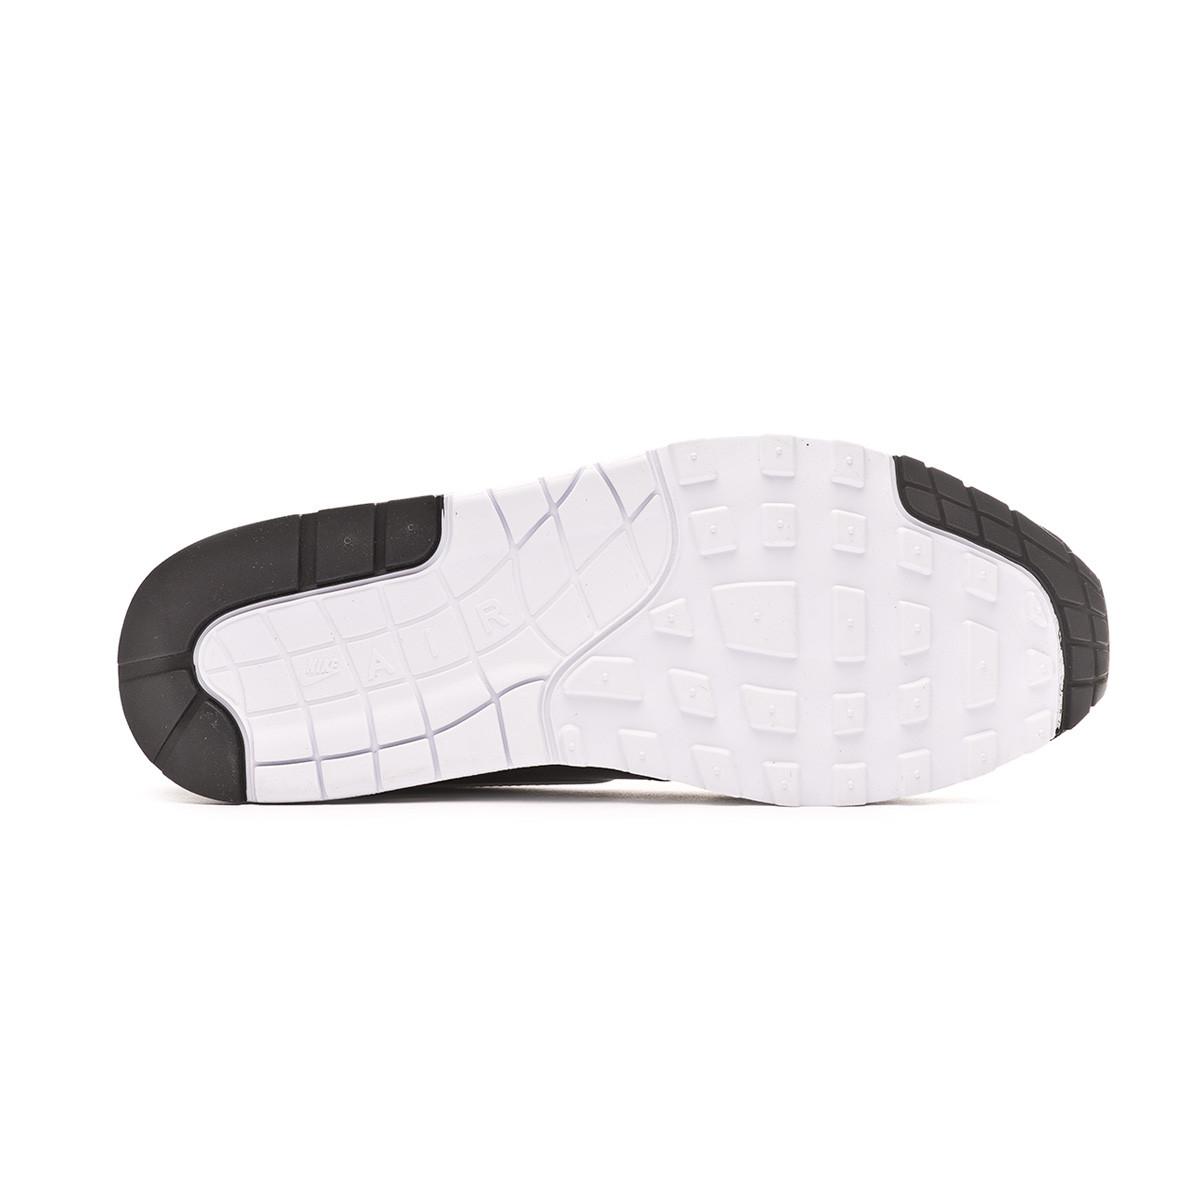 Zapatilla Nike Air Max 1